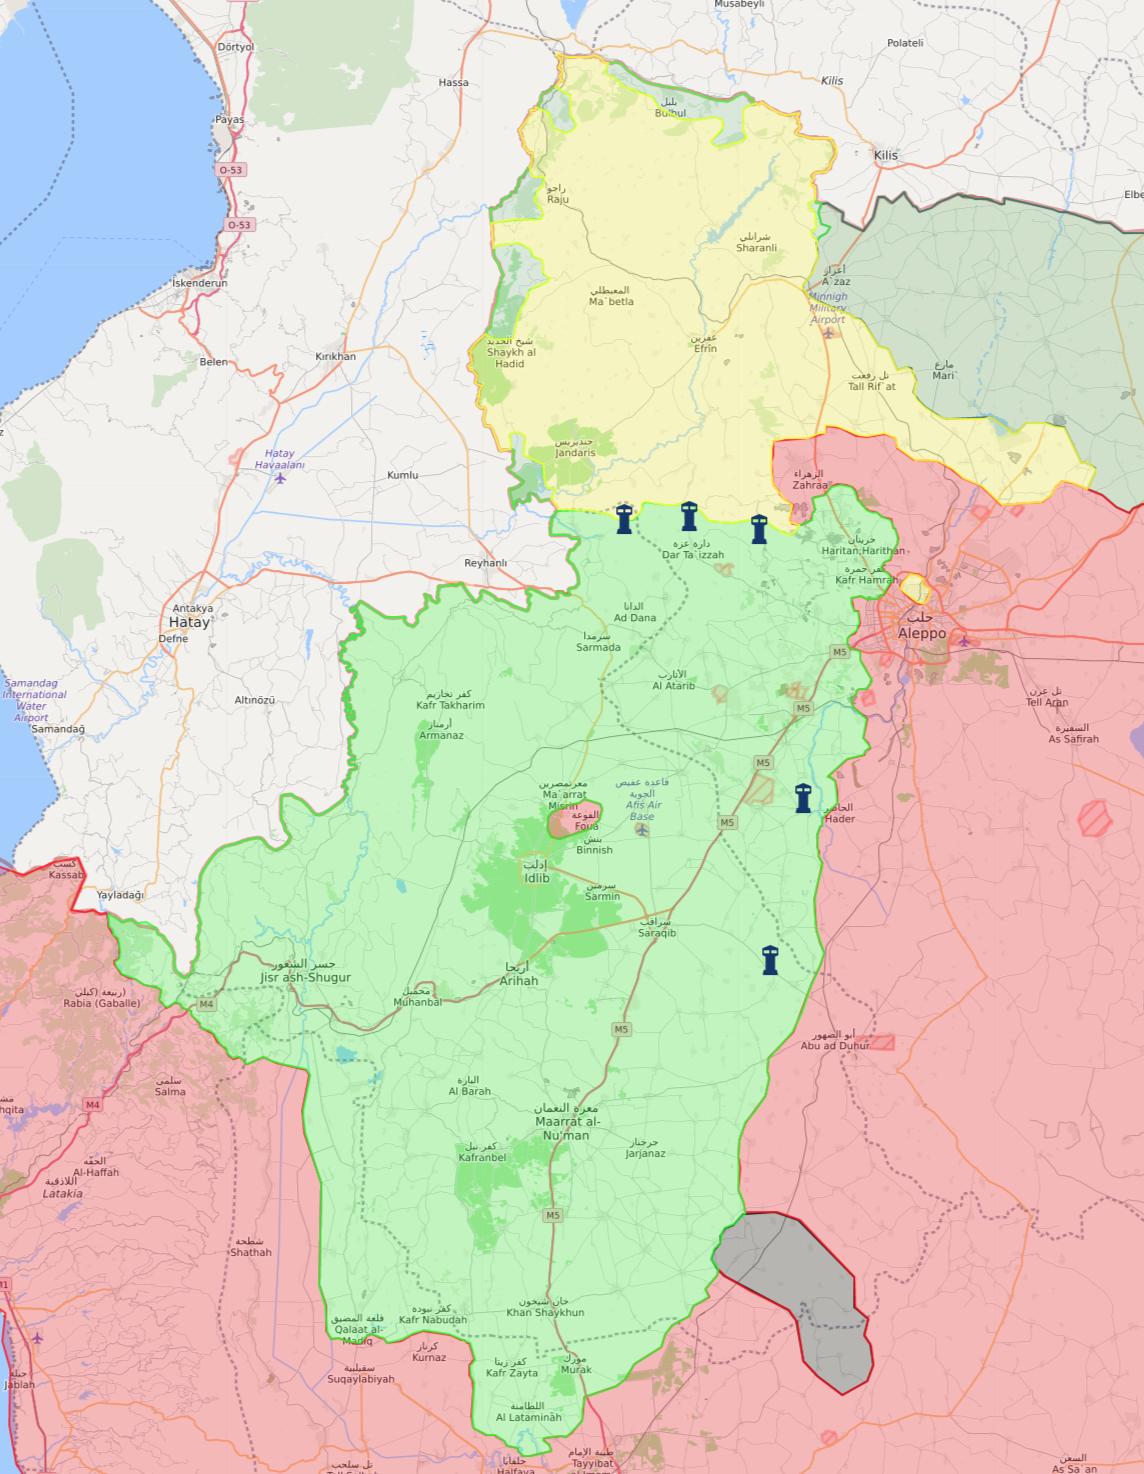 خريطة نقاط المراقبة التركية في جيب إدلب - 10 شباط 2018 (livemap)